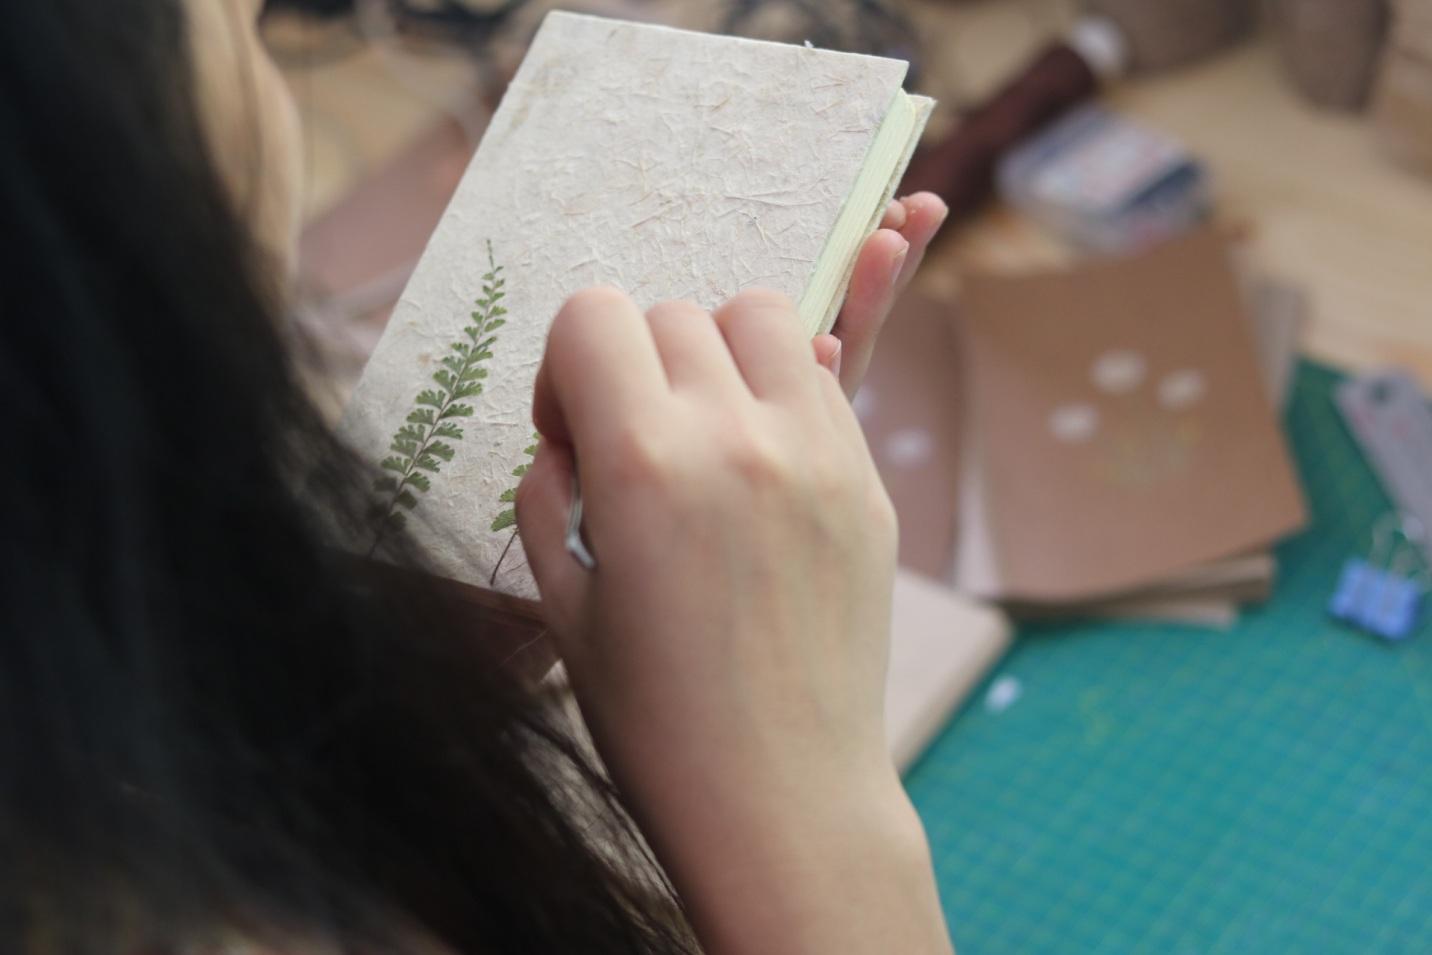 Cô gái trẻ truyền cảm hứng yêu thiên nhiên qua những sản phẩm từ  hoa, lá và cỏ - Ảnh 2.